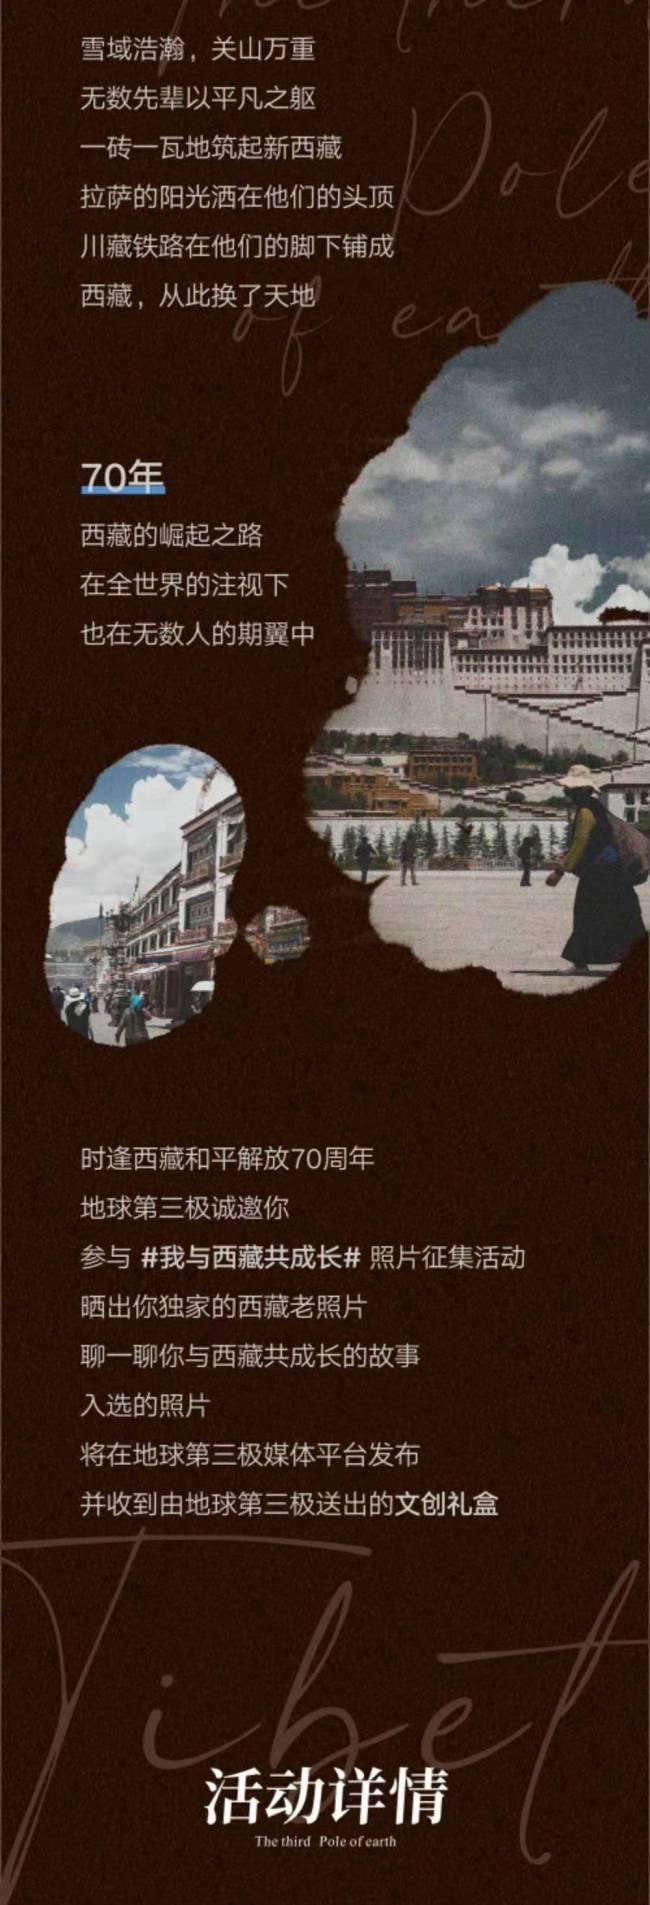 地球第三极邀你参与#我与西藏共成长#照片征集活动!